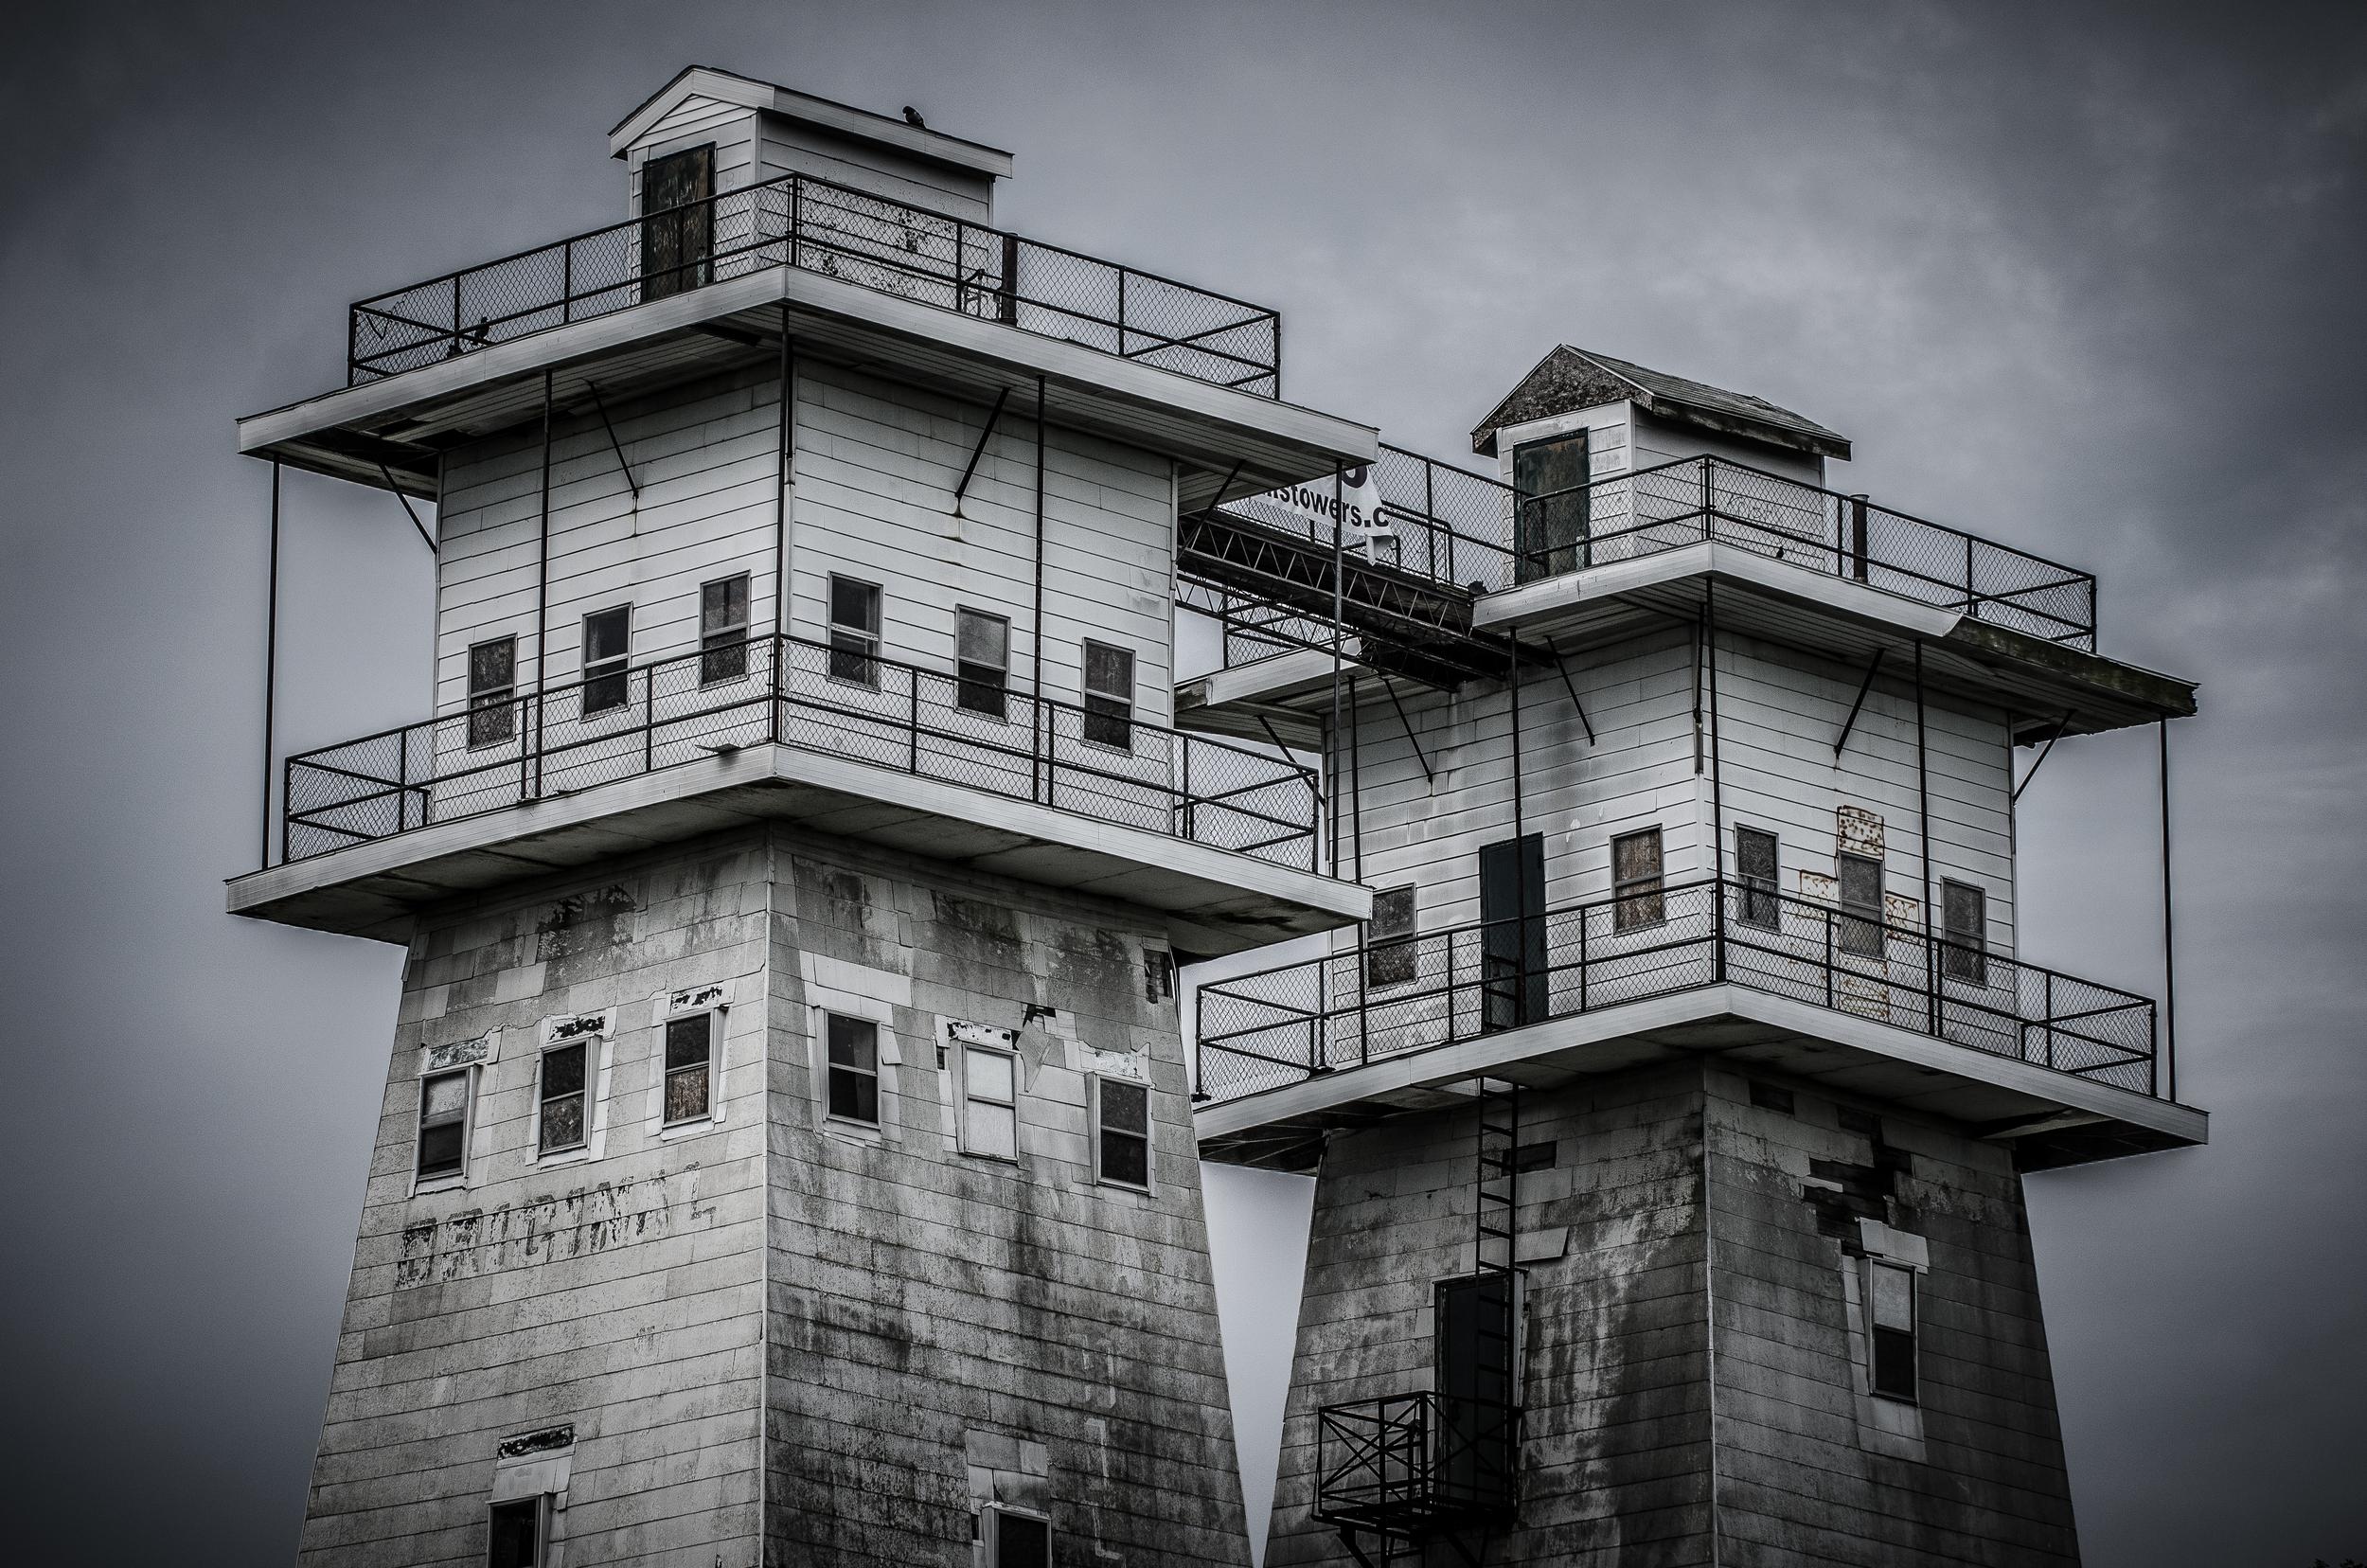 Towers at Irish Hills Michigan